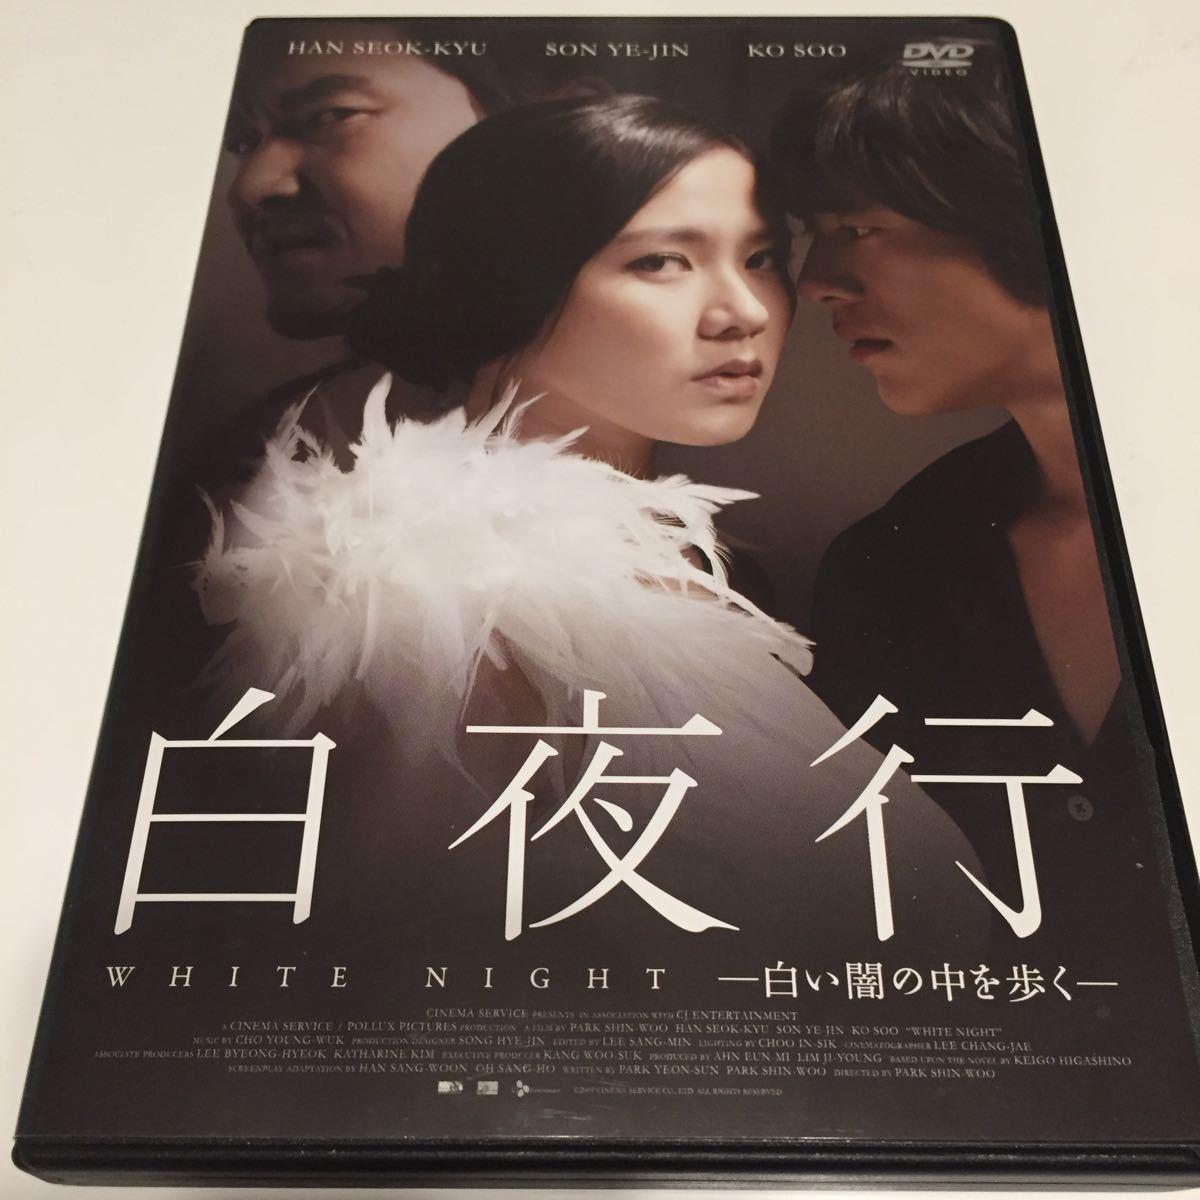 白夜行 DVD  韓国映画 東野圭吾原作 ソン・イェジン